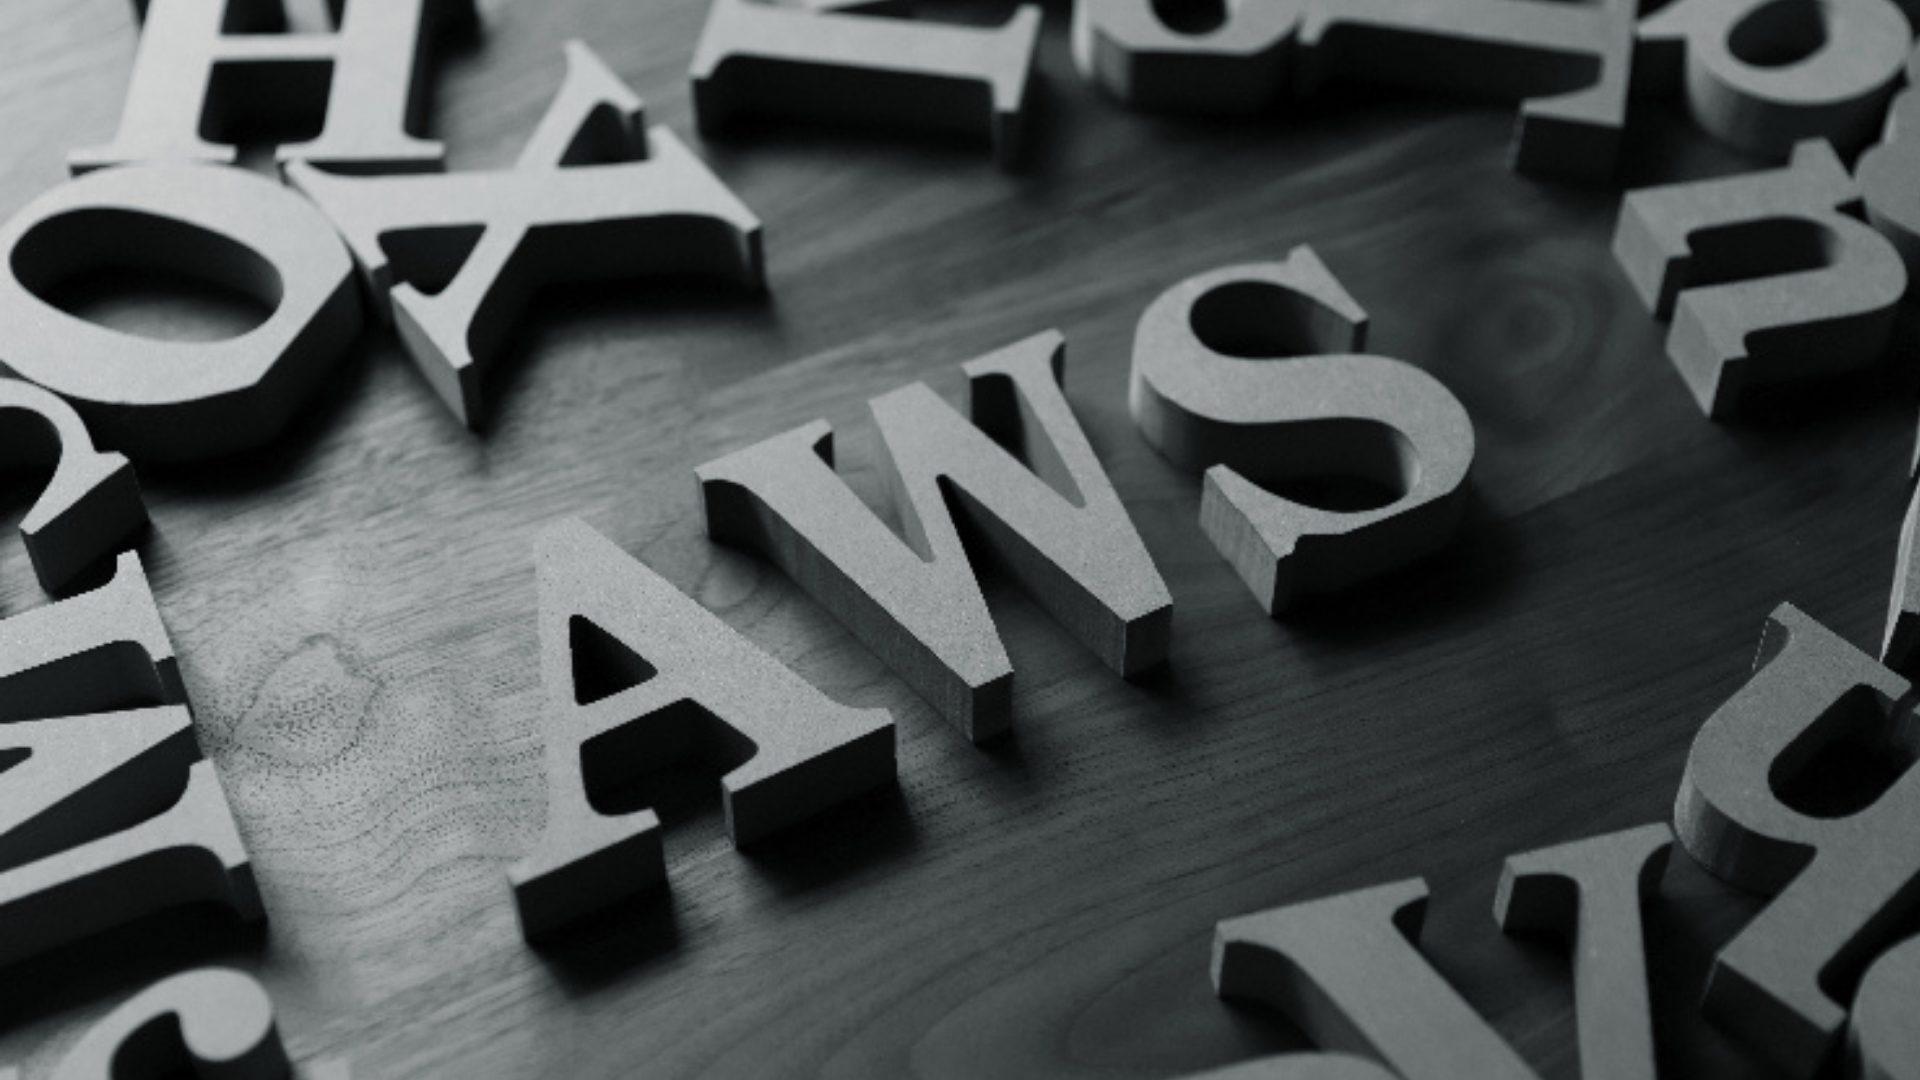 AWSとは?サービスの特徴や料金、他クラウドとの違いを解説!